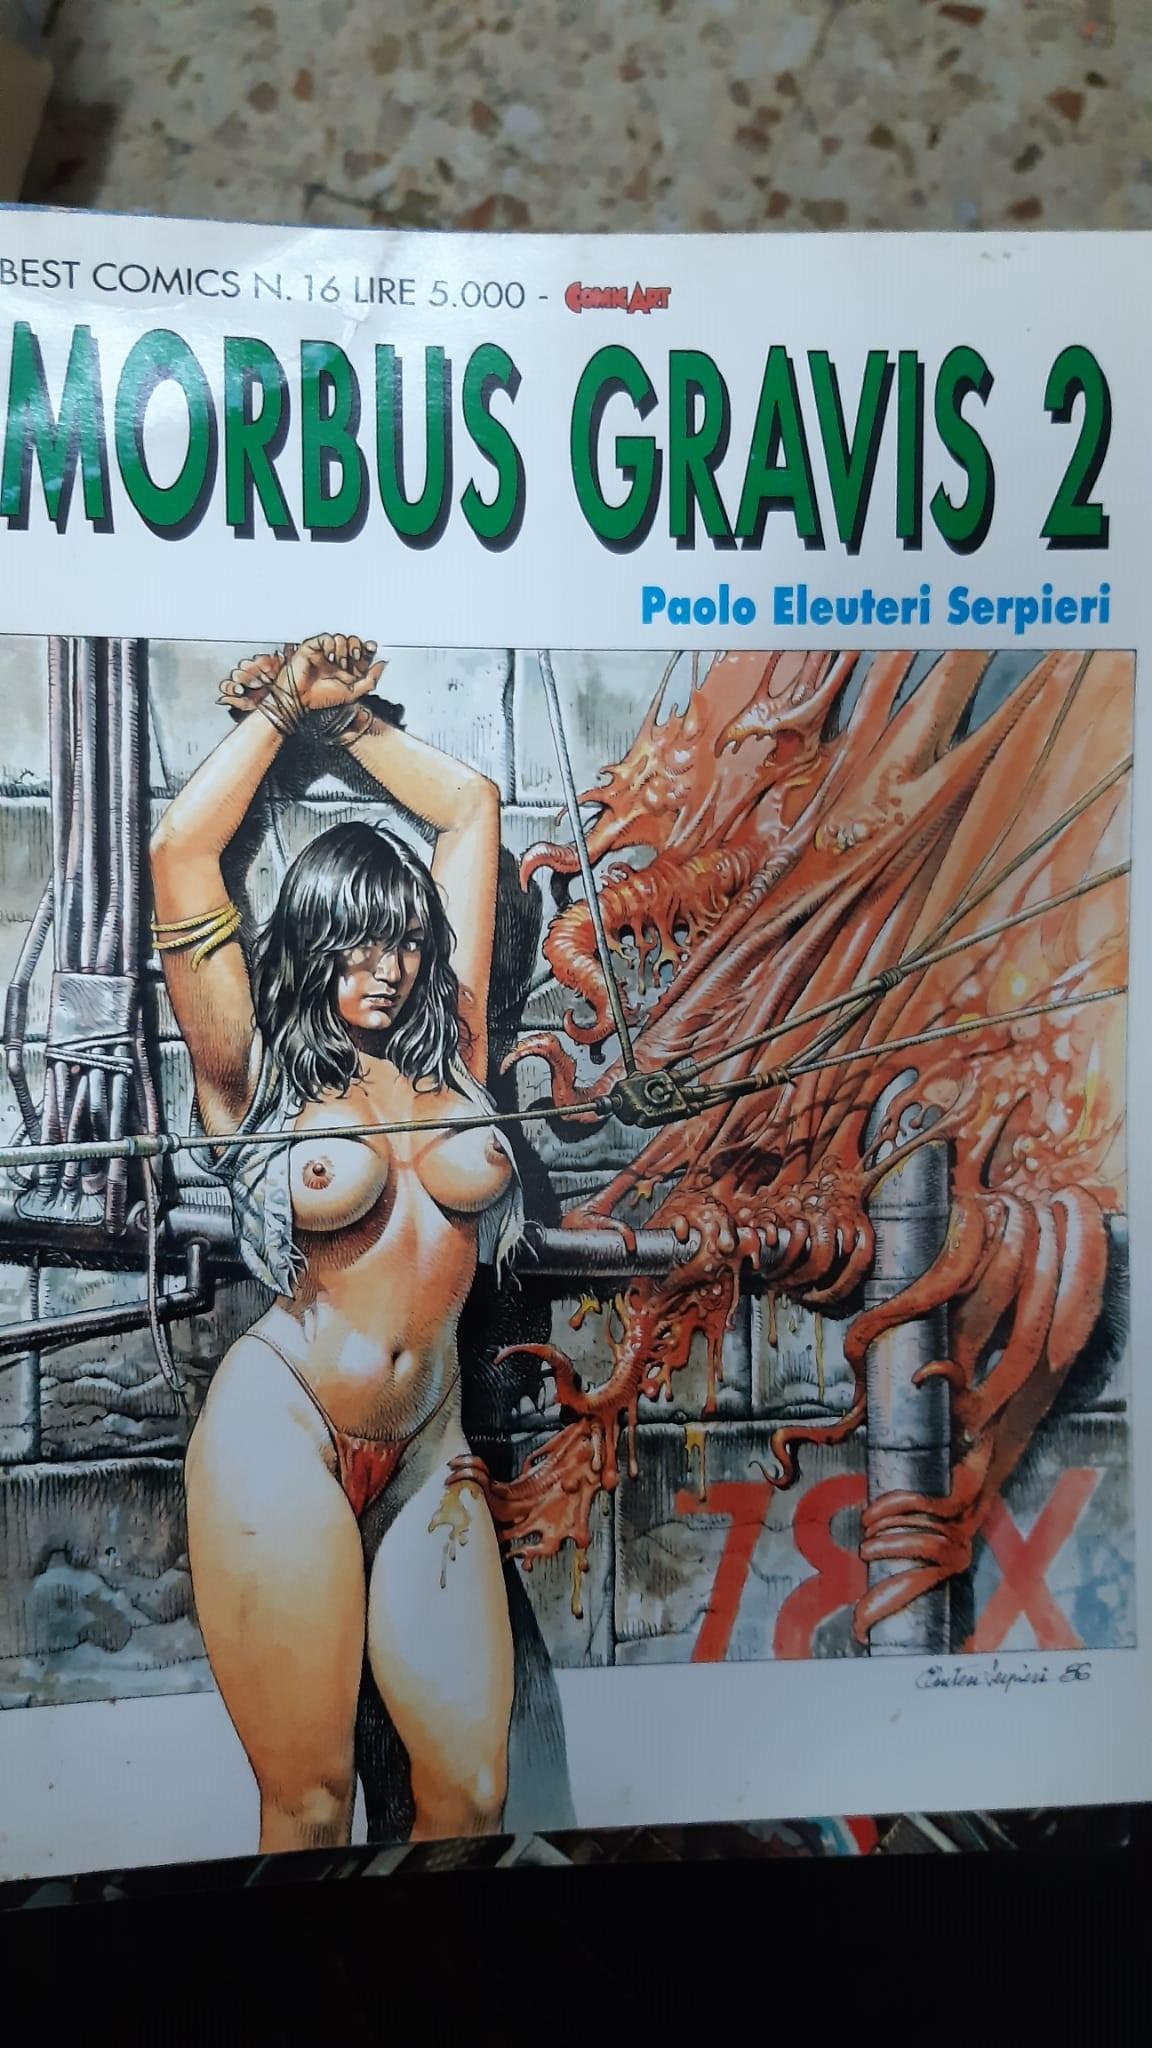 MORBUS GRAVIS 2 - ELEUTERI SERPIERI PAOLO